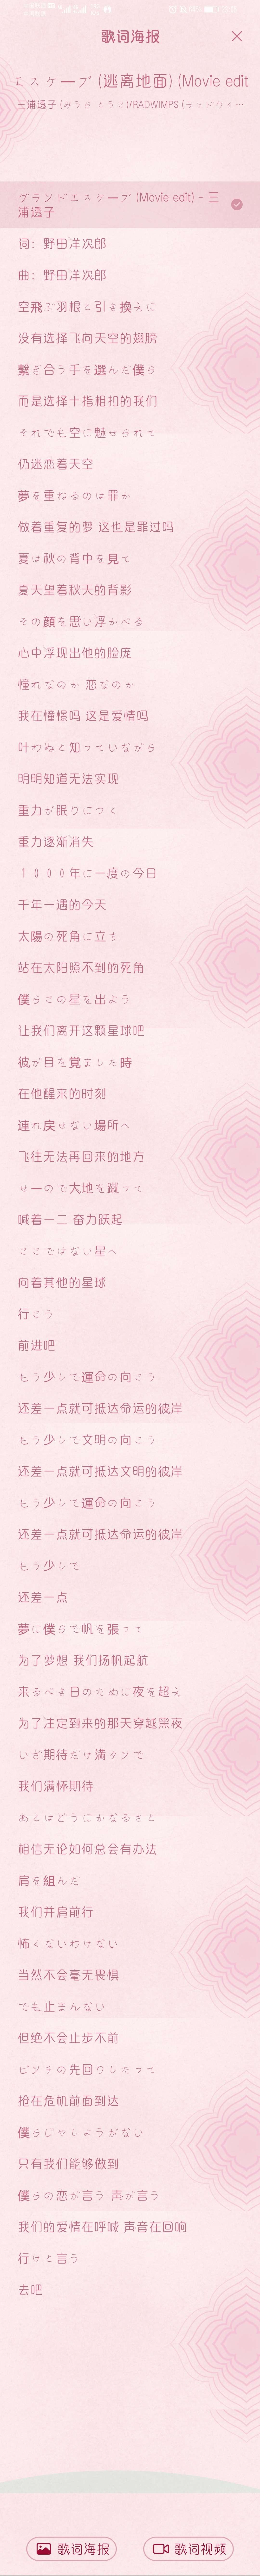 【音乐】三浦透子 (みうら とうこ)/RADWIMPS